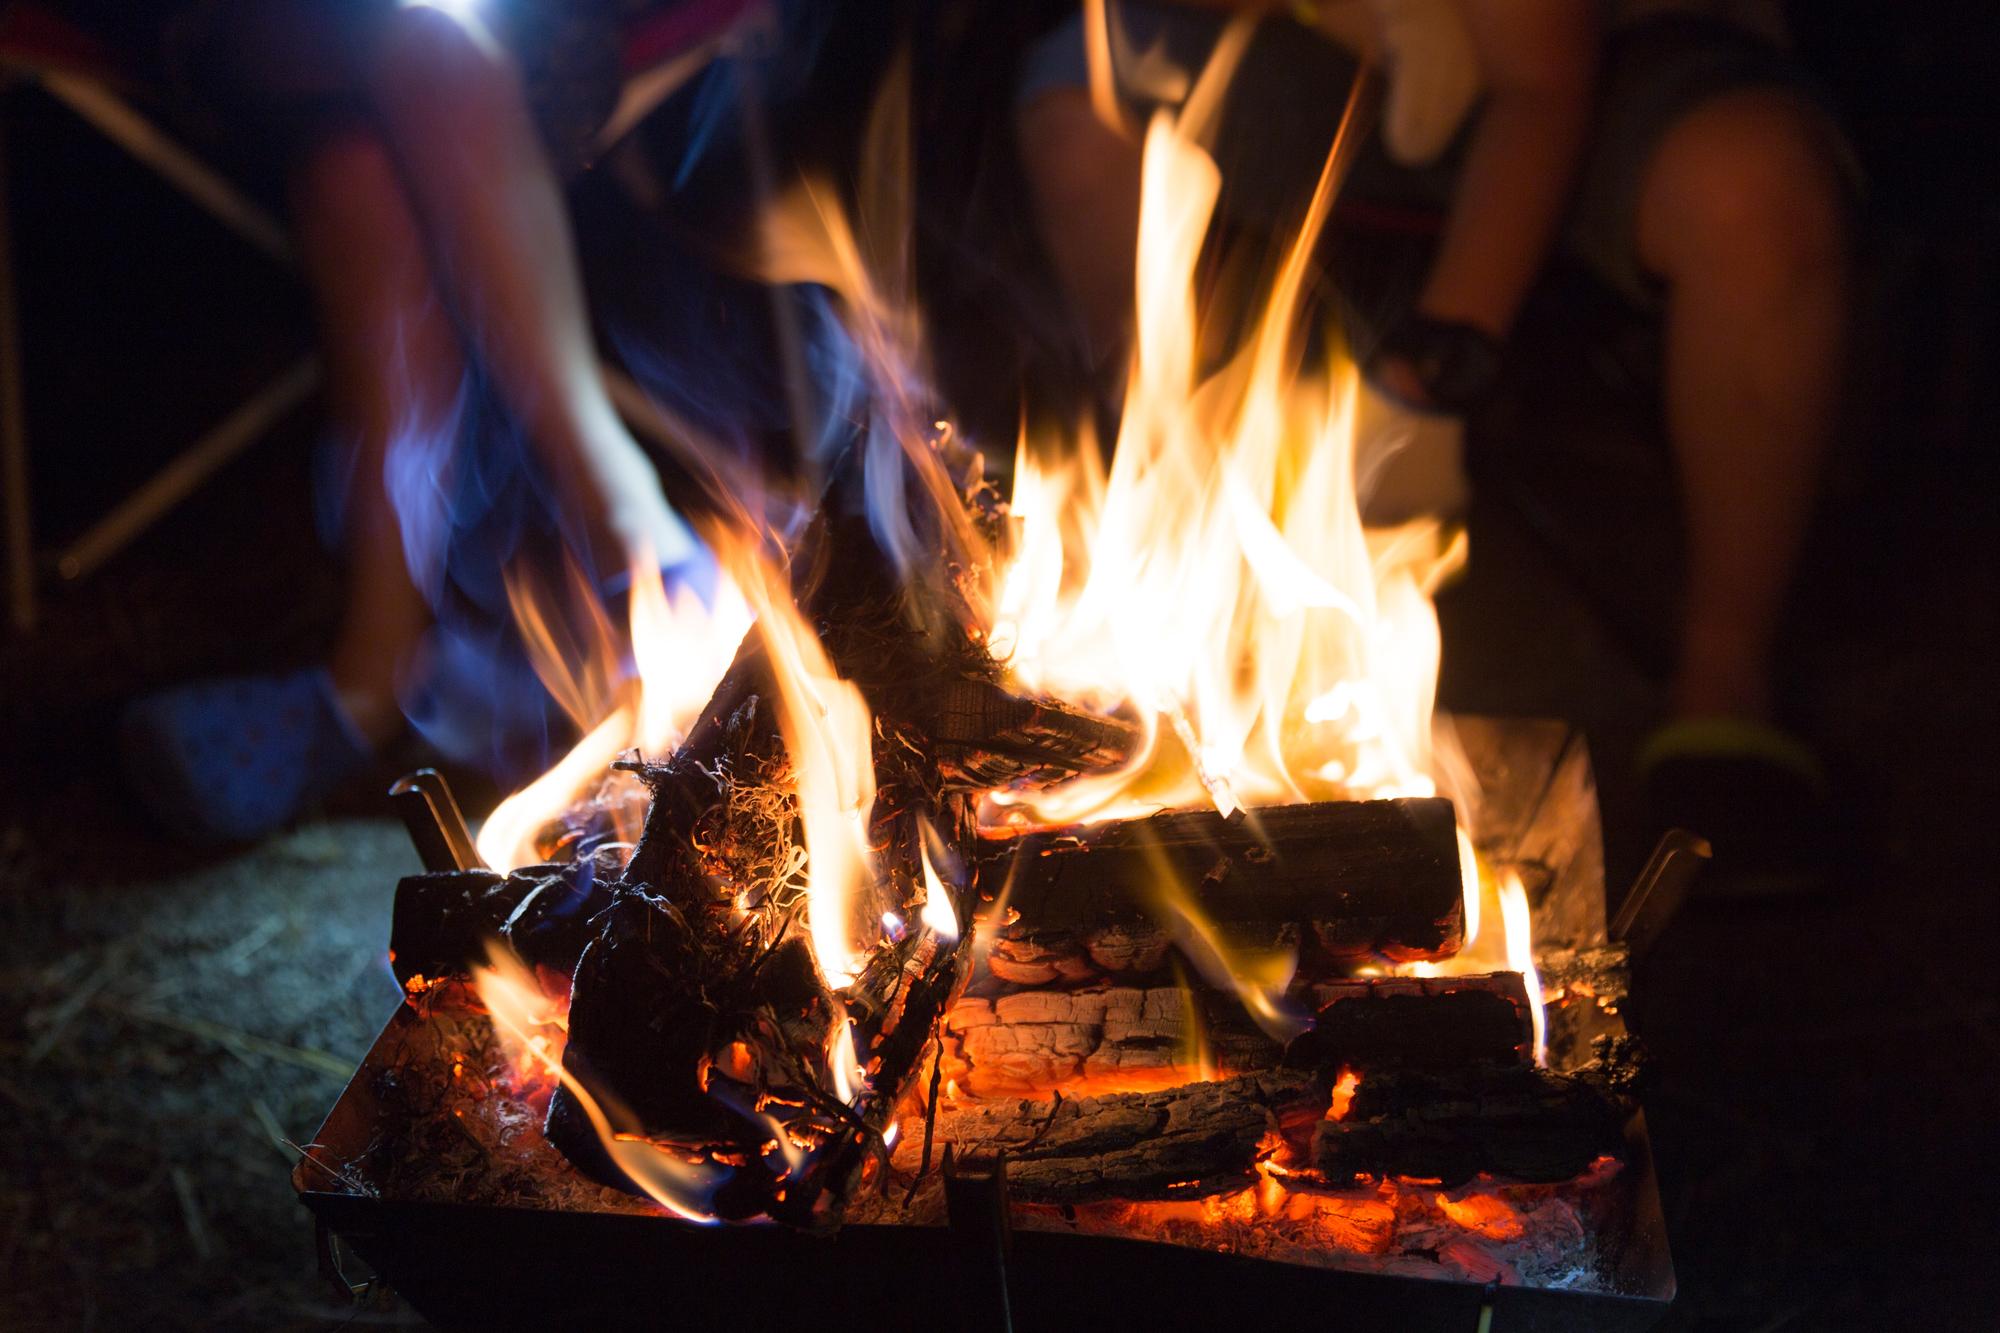 キャンプ場もある休暇村越前三国で開催される週末焚き火倶楽部のイメージ写真。福井の女性を応援するくらし情報、くらしくふくい。